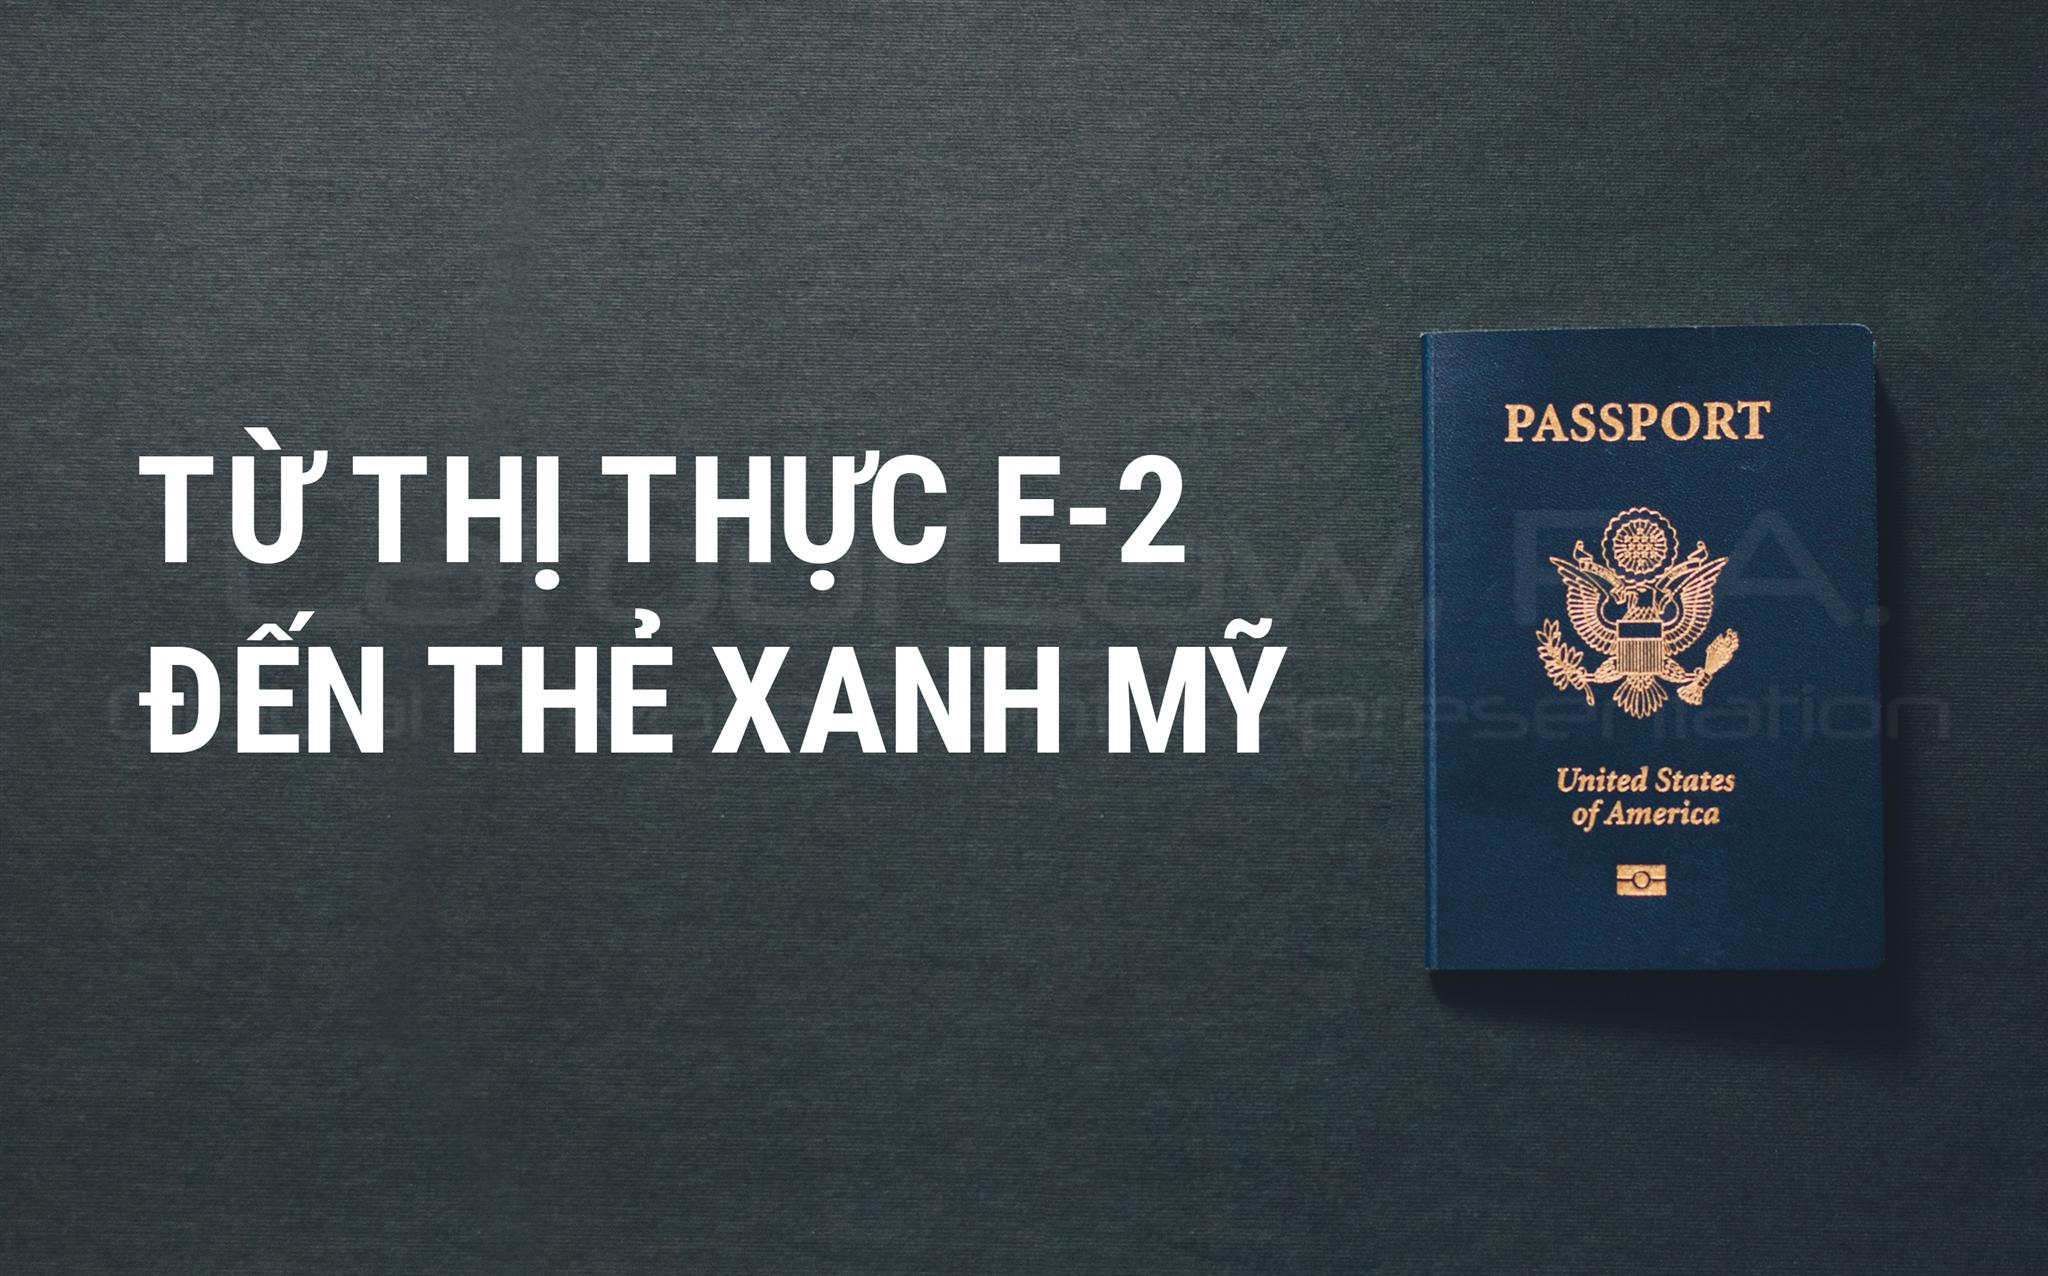 E2 visa là visa dạng không định cư